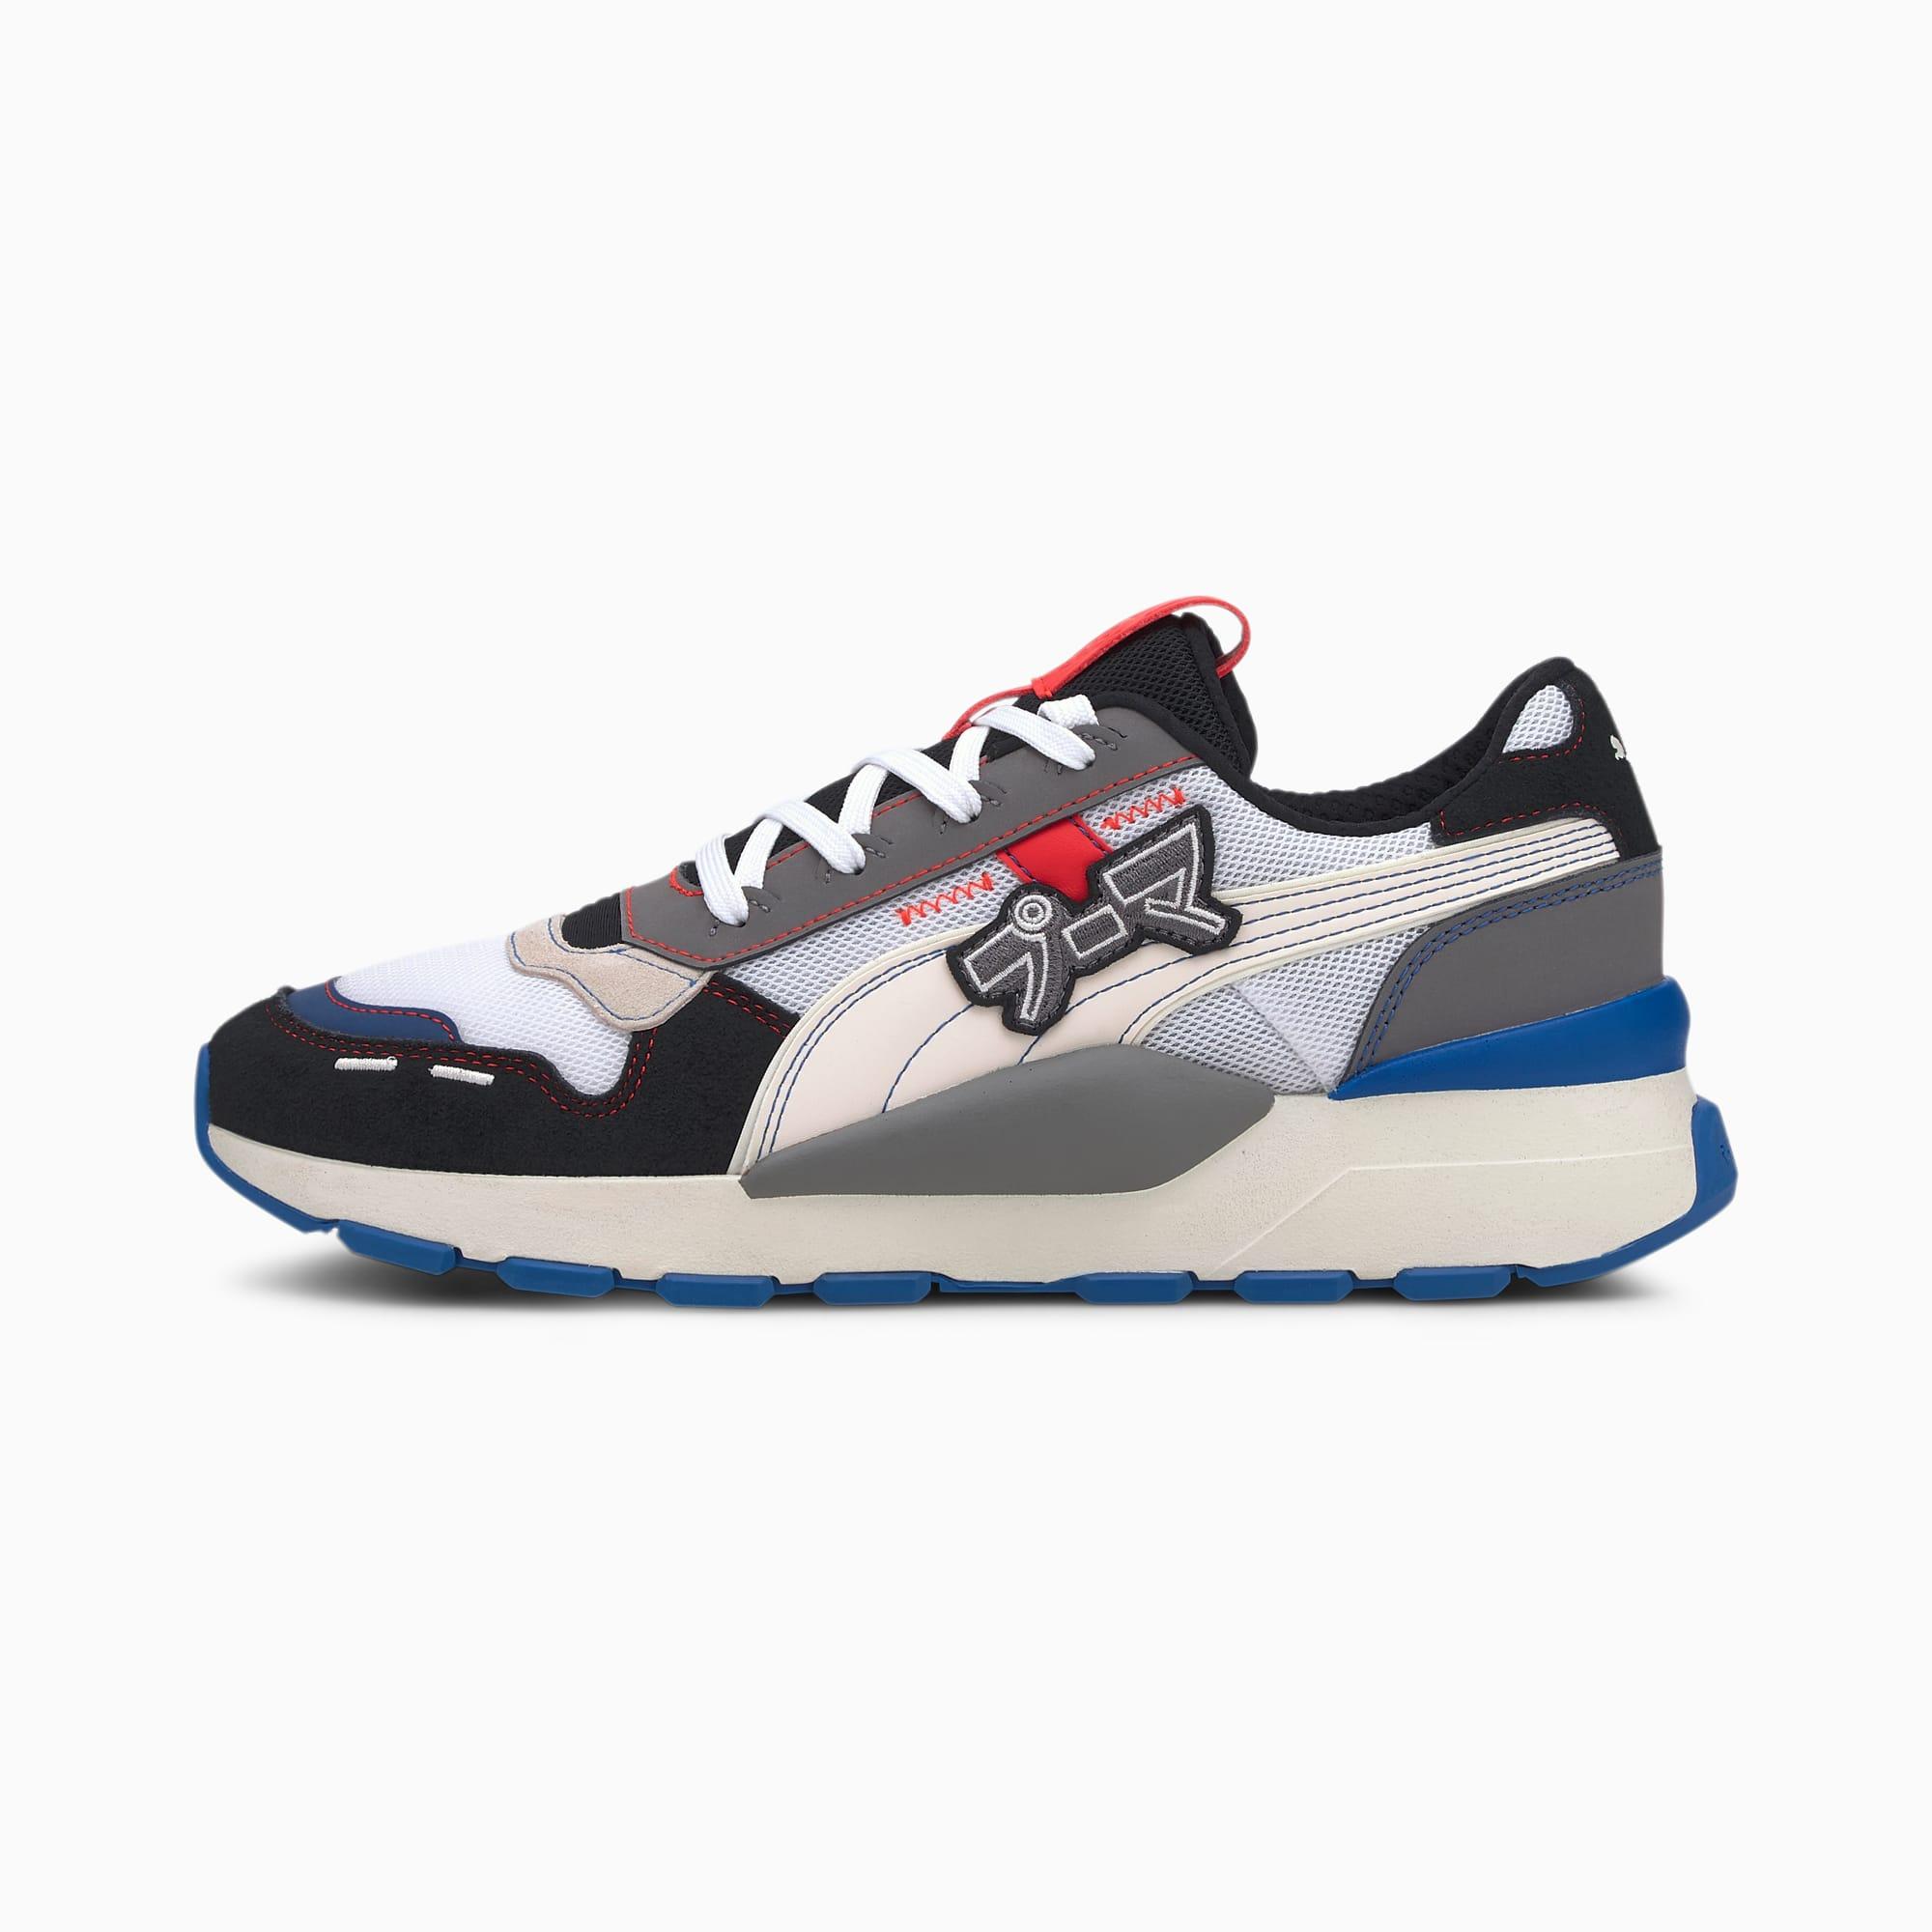 RS 2.0 Japanorama Men's Sneakers